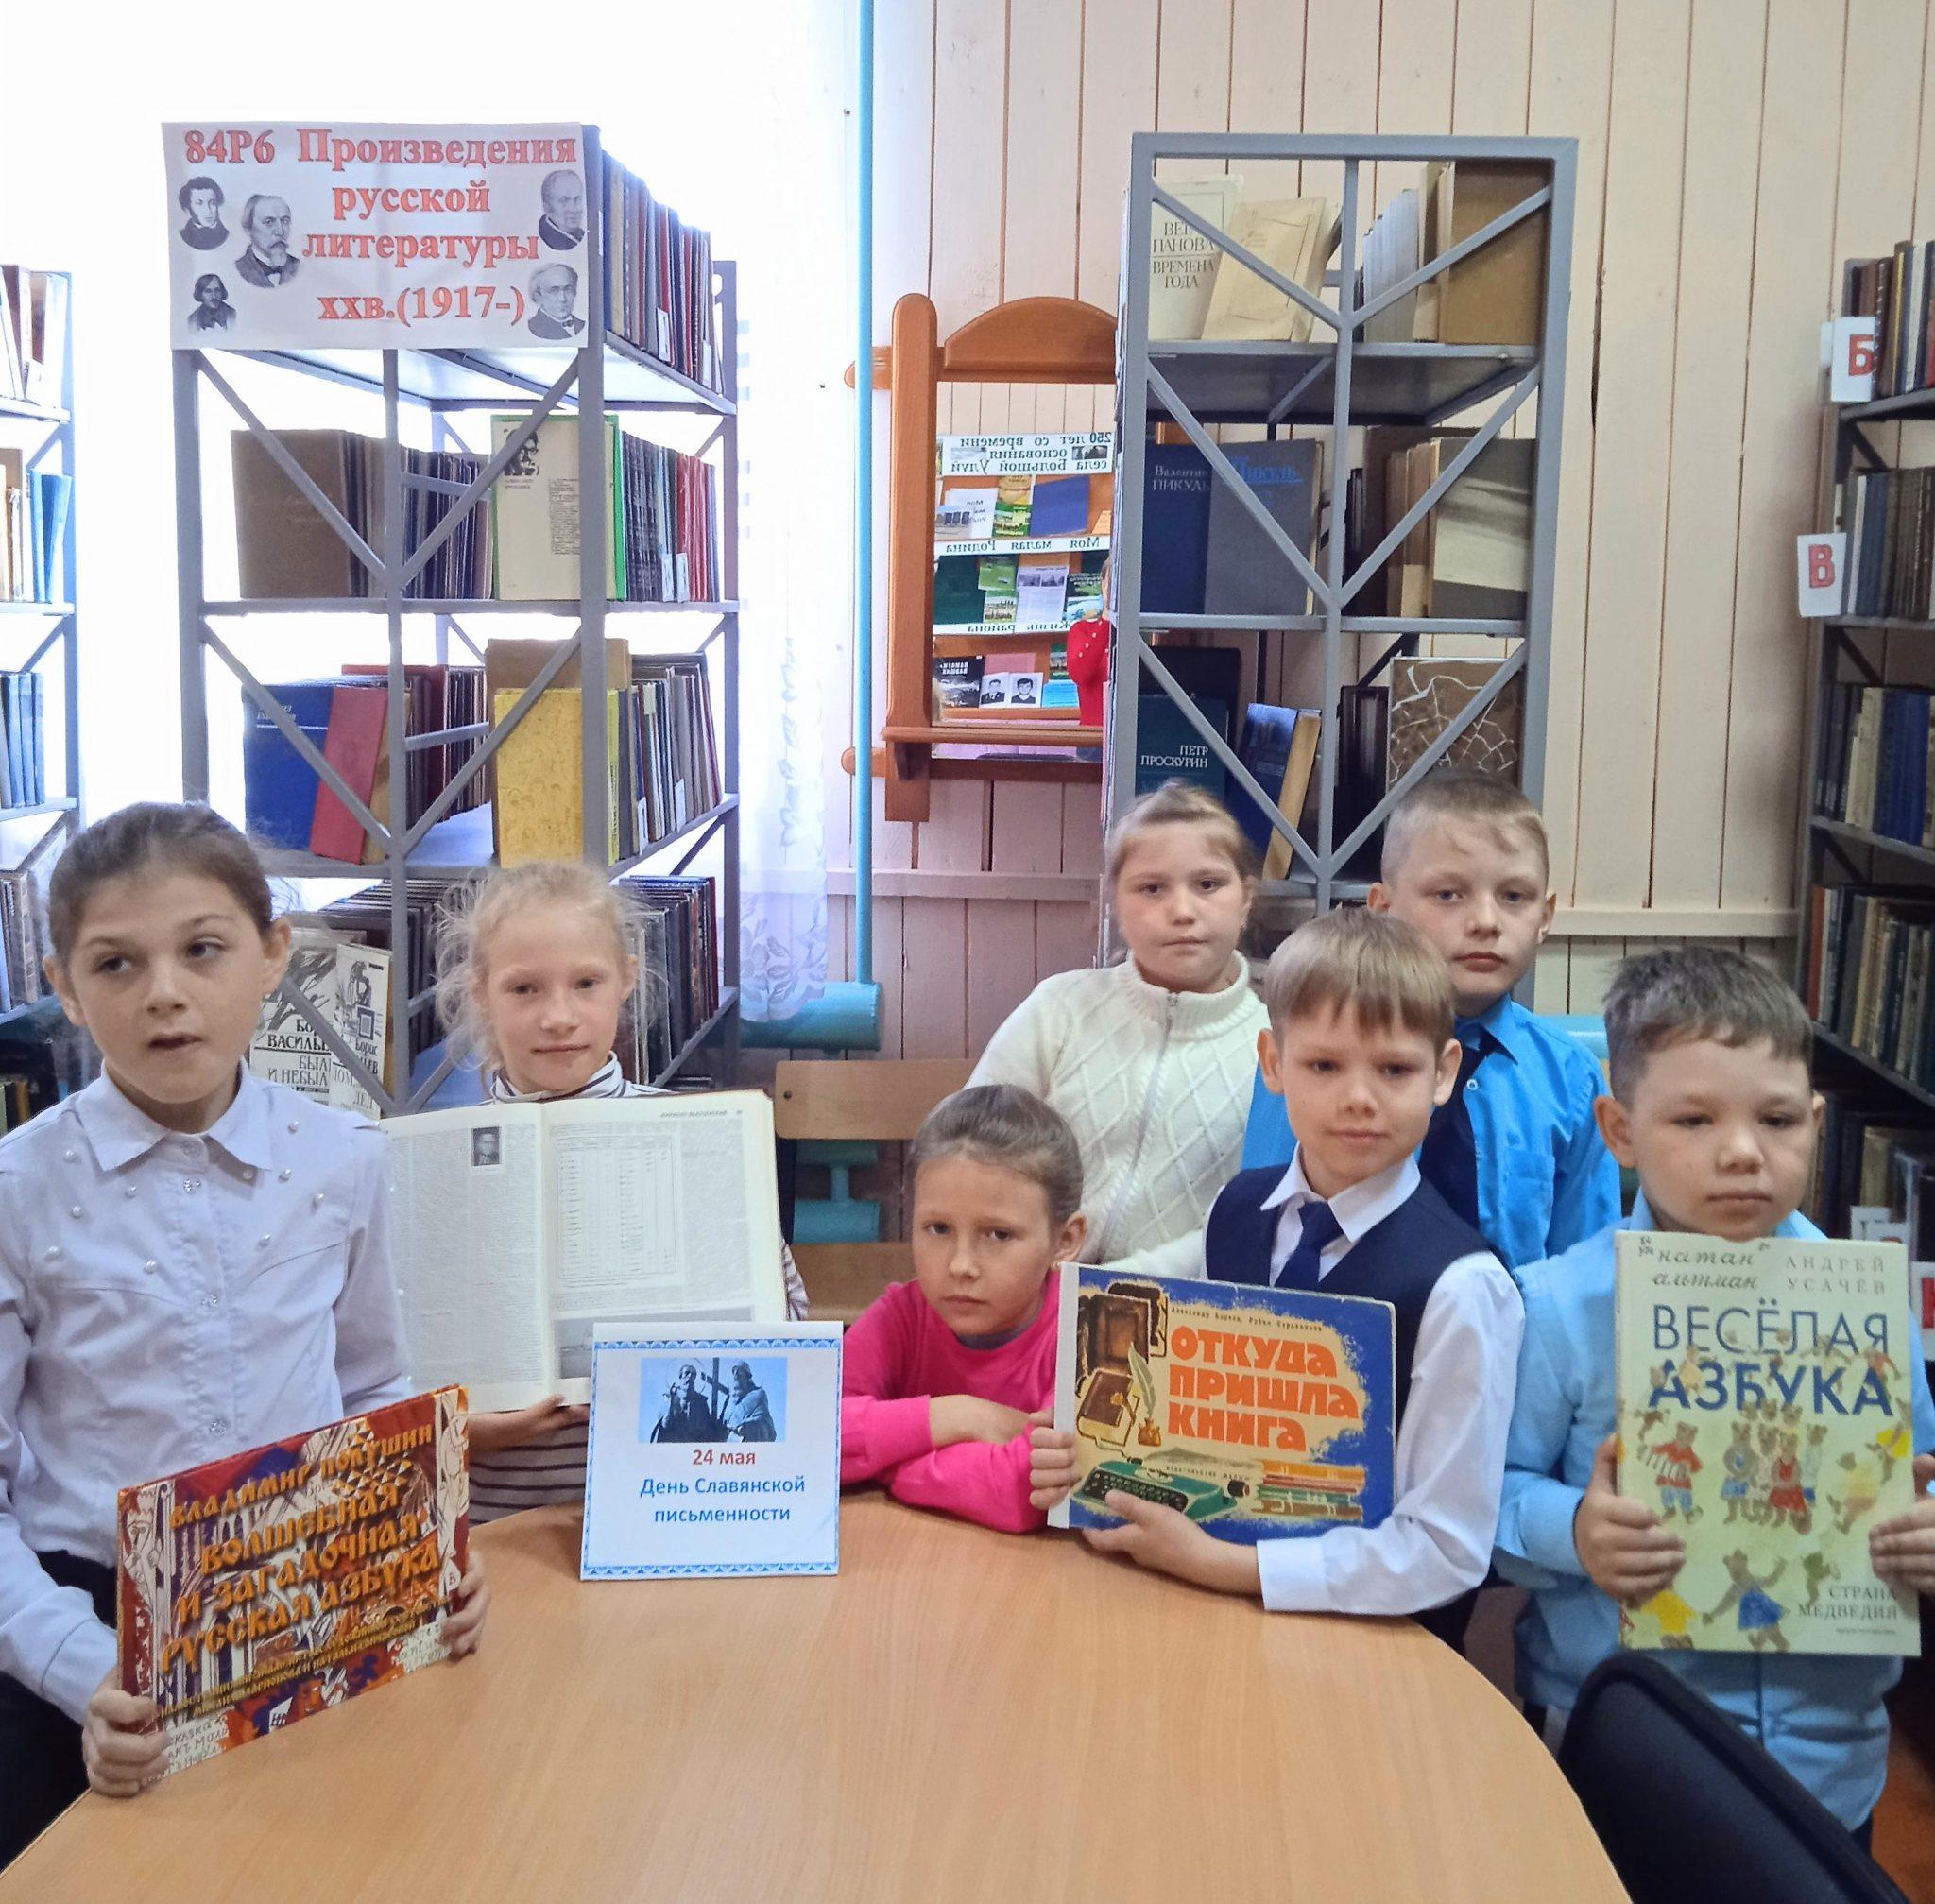 Славянская письменность и культура